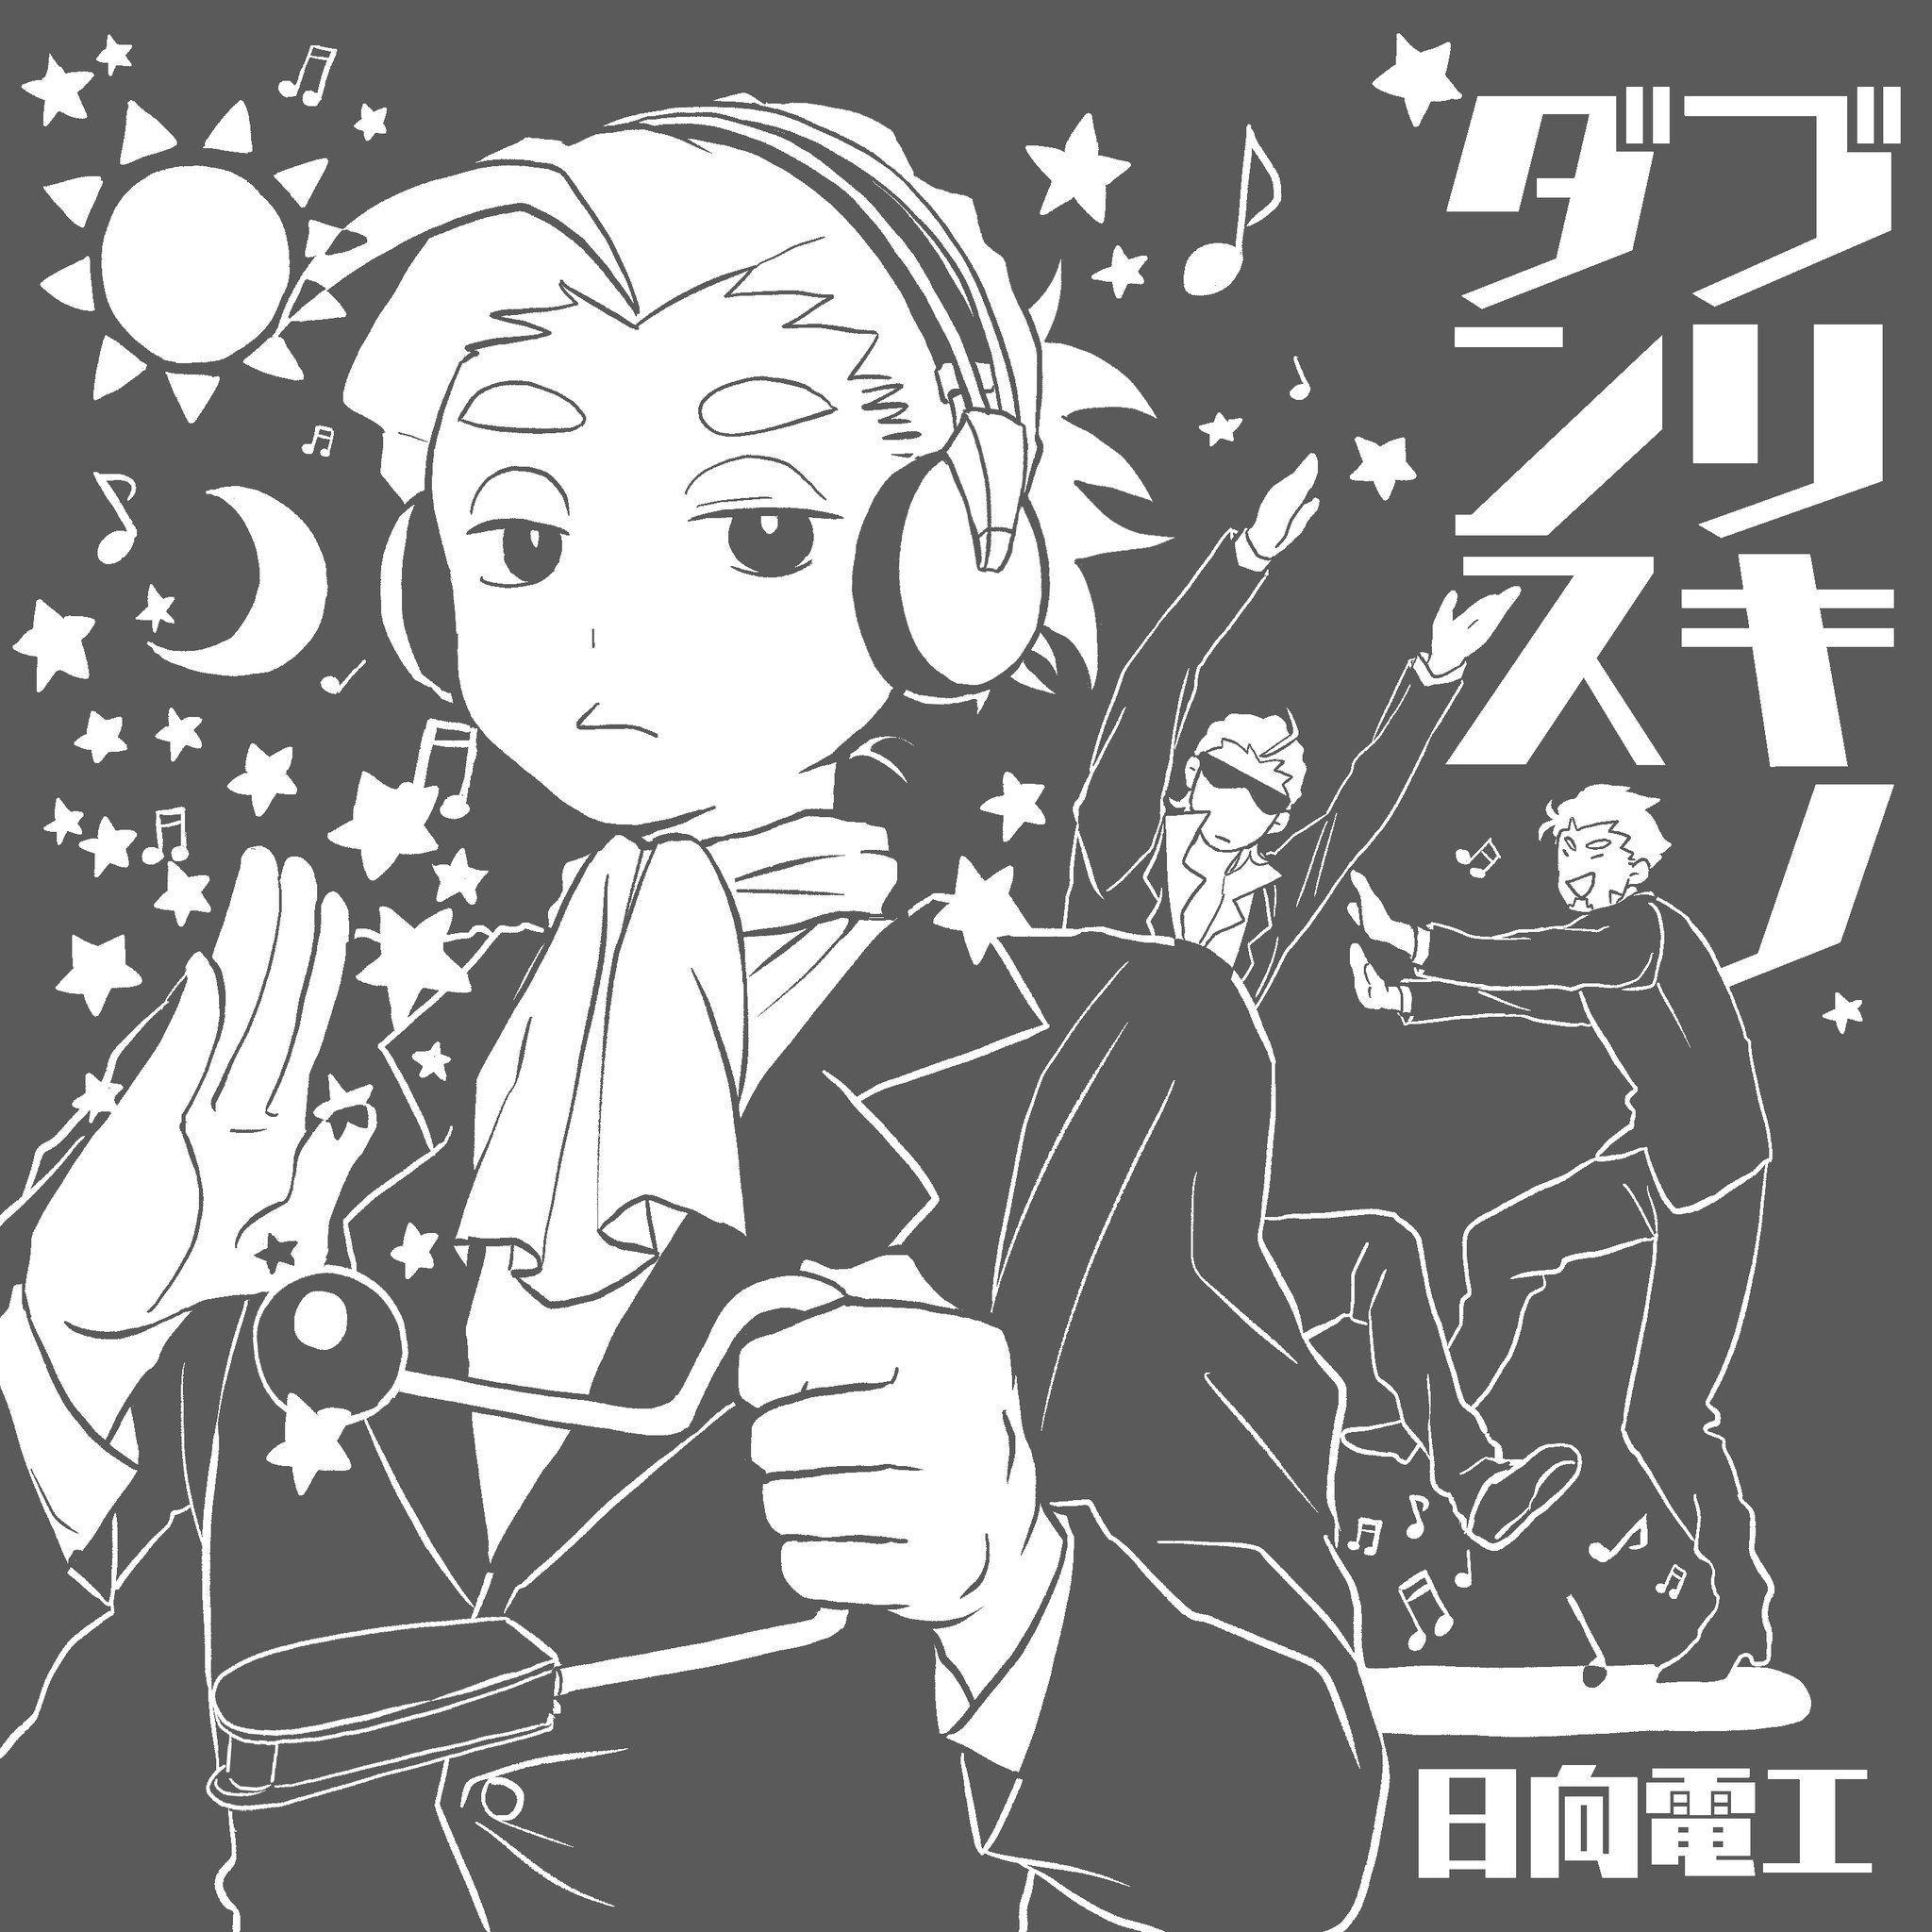 Twitter 2020 おついち 2bro イラスト キャラクター イラスト